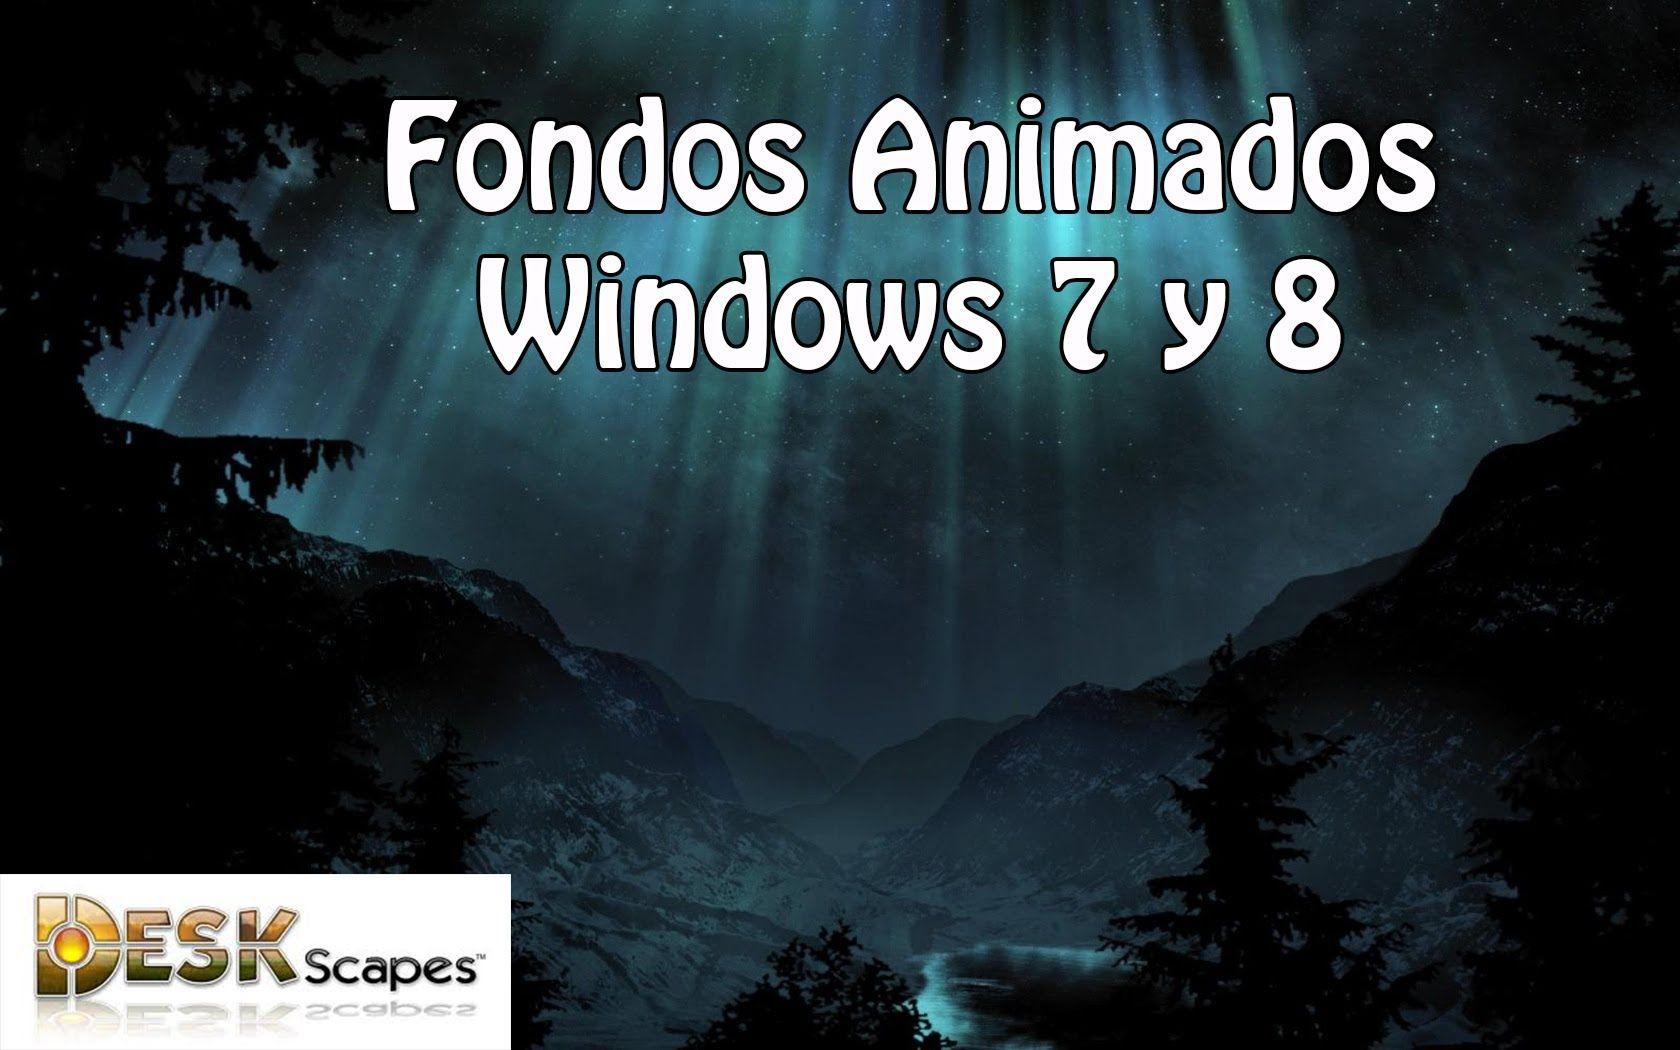 Fondos de escritorio animados para windows 8 1 8 7 youtube images wallpapers pinterest - Fondos de escritorio para windows 7 gratis ...